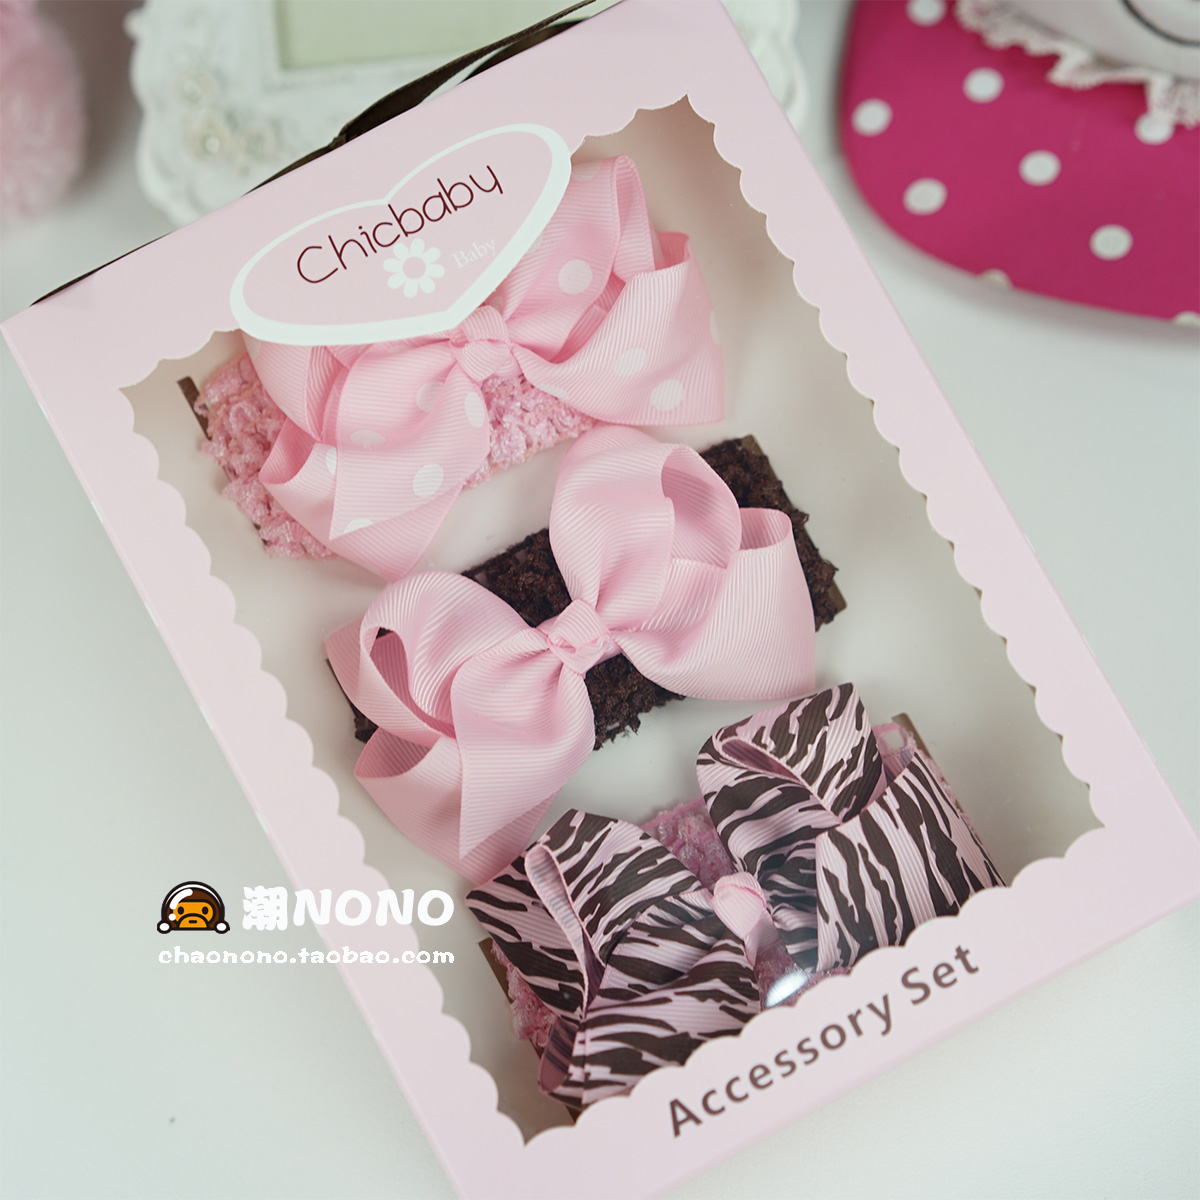 Цвет: Новый стиль розовый Зебра